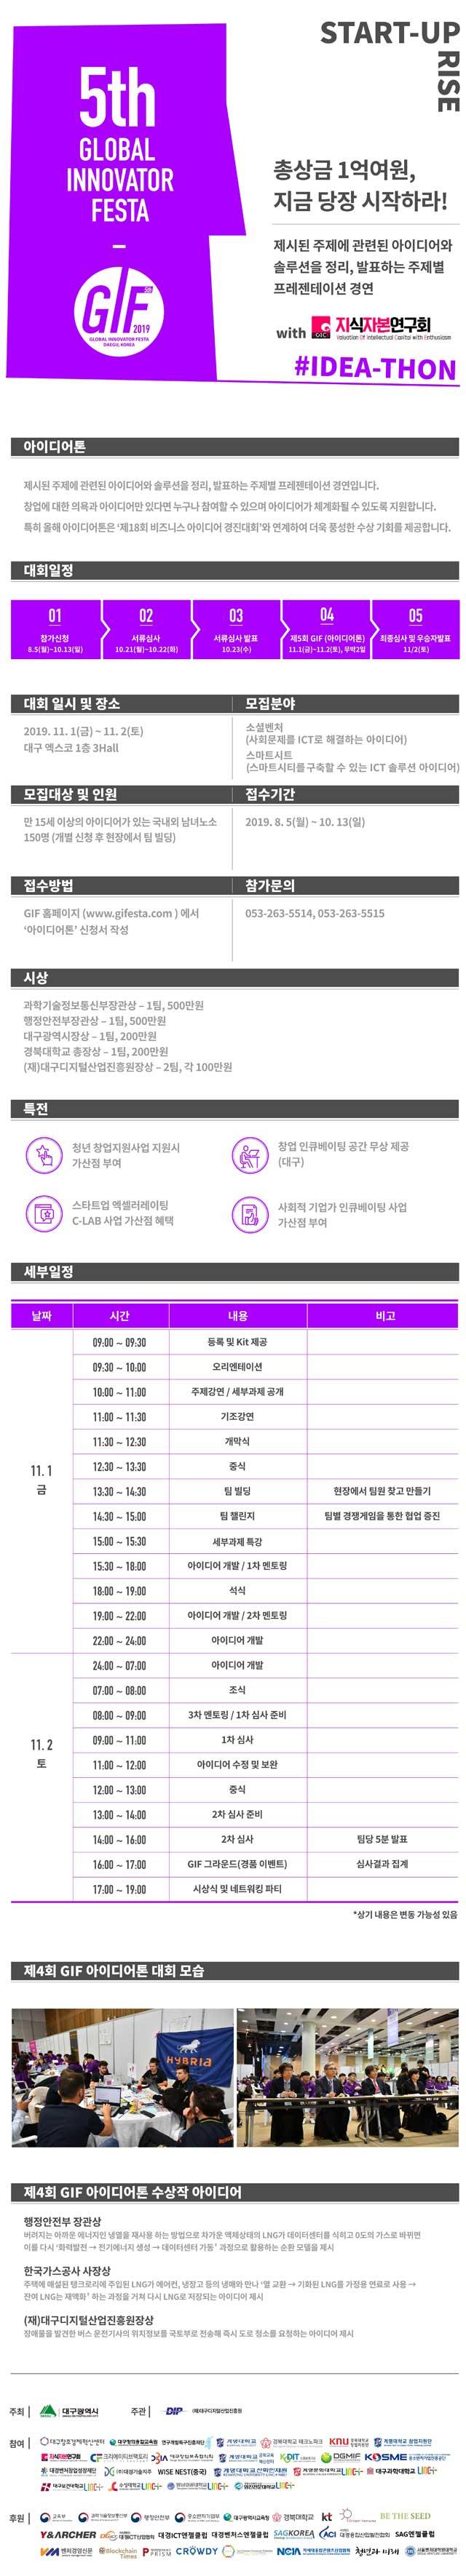 대구광역시 제5회 글로벌 이노베이터 페스타 아이디어톤